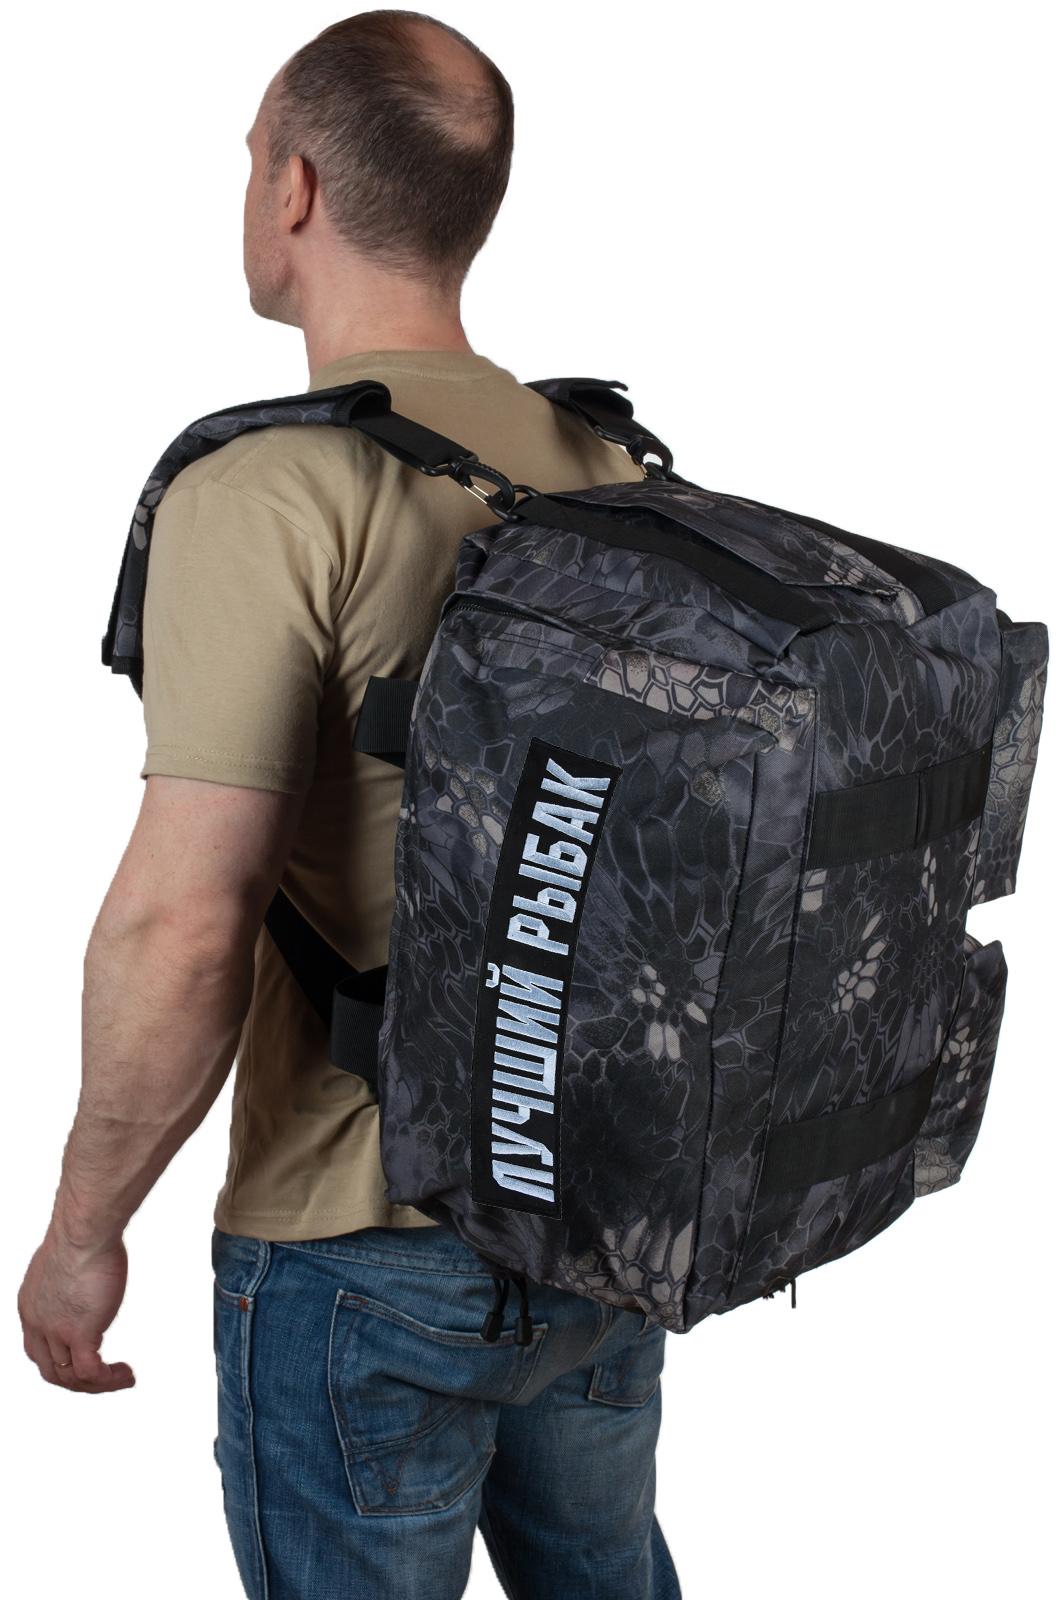 Купить дорожную мужскую сумку с нашивкой Лучший Рыбак по лучшей цене